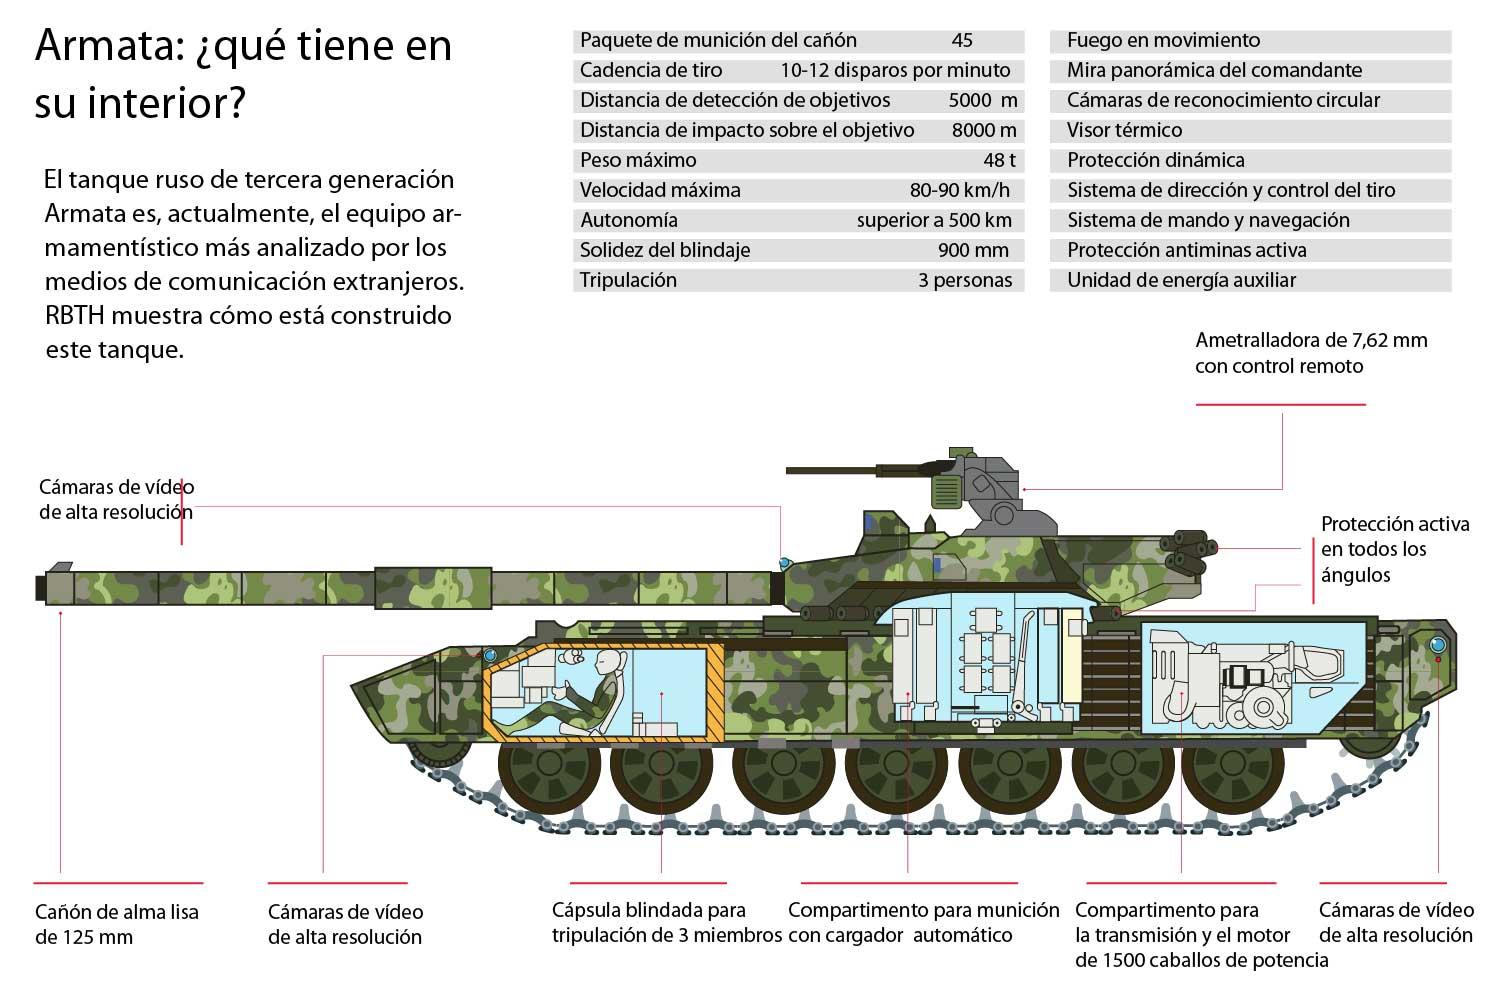 Armata: ¿el robotanque ruso? - Página 3 14xyp3p